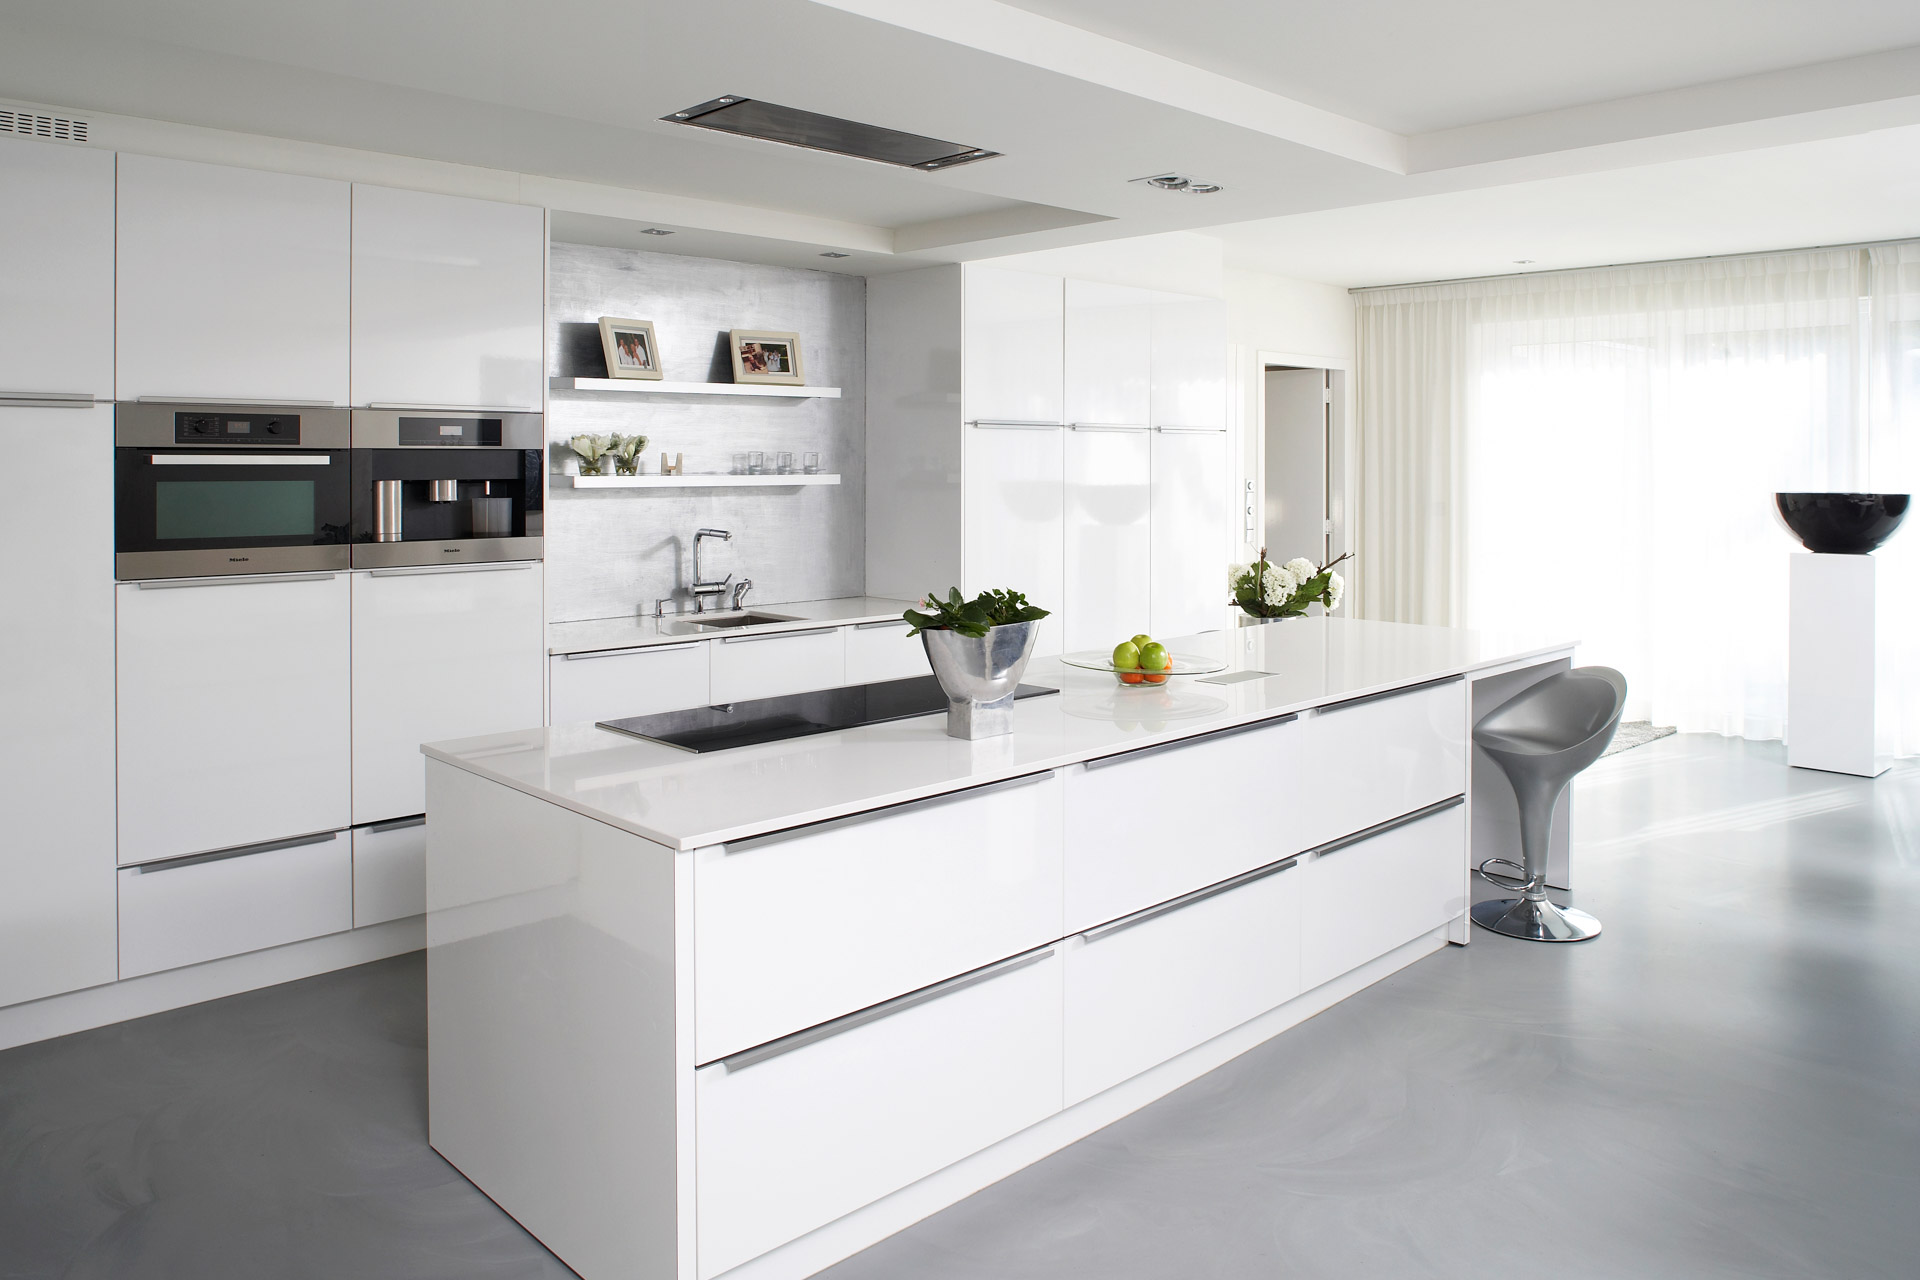 Gilze | Interieur van glanzend witte keuken